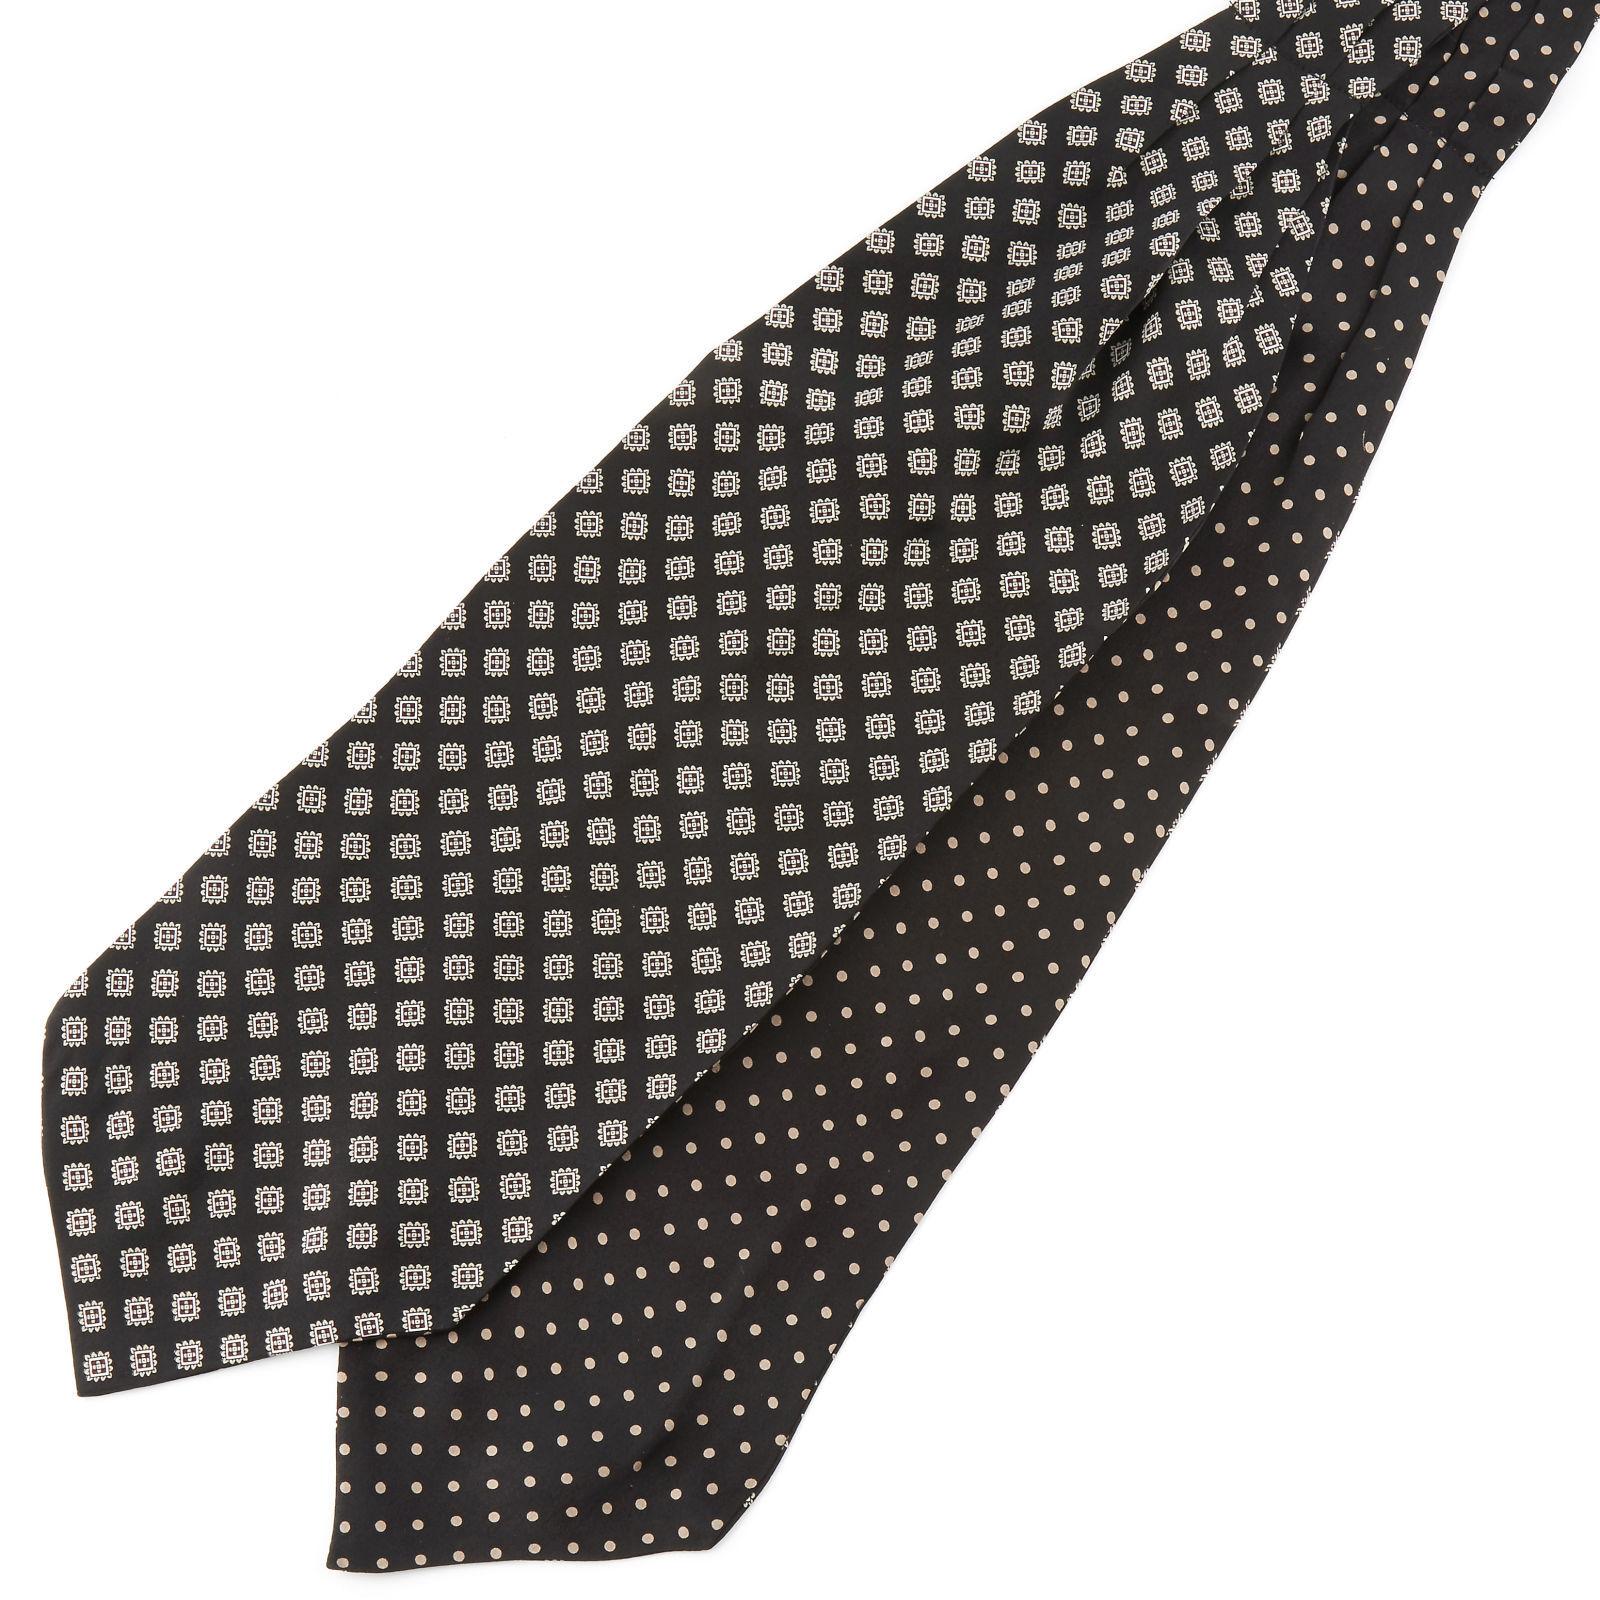 Tailor Toki Geometrinen Polka Dots silkki ascot-solmio